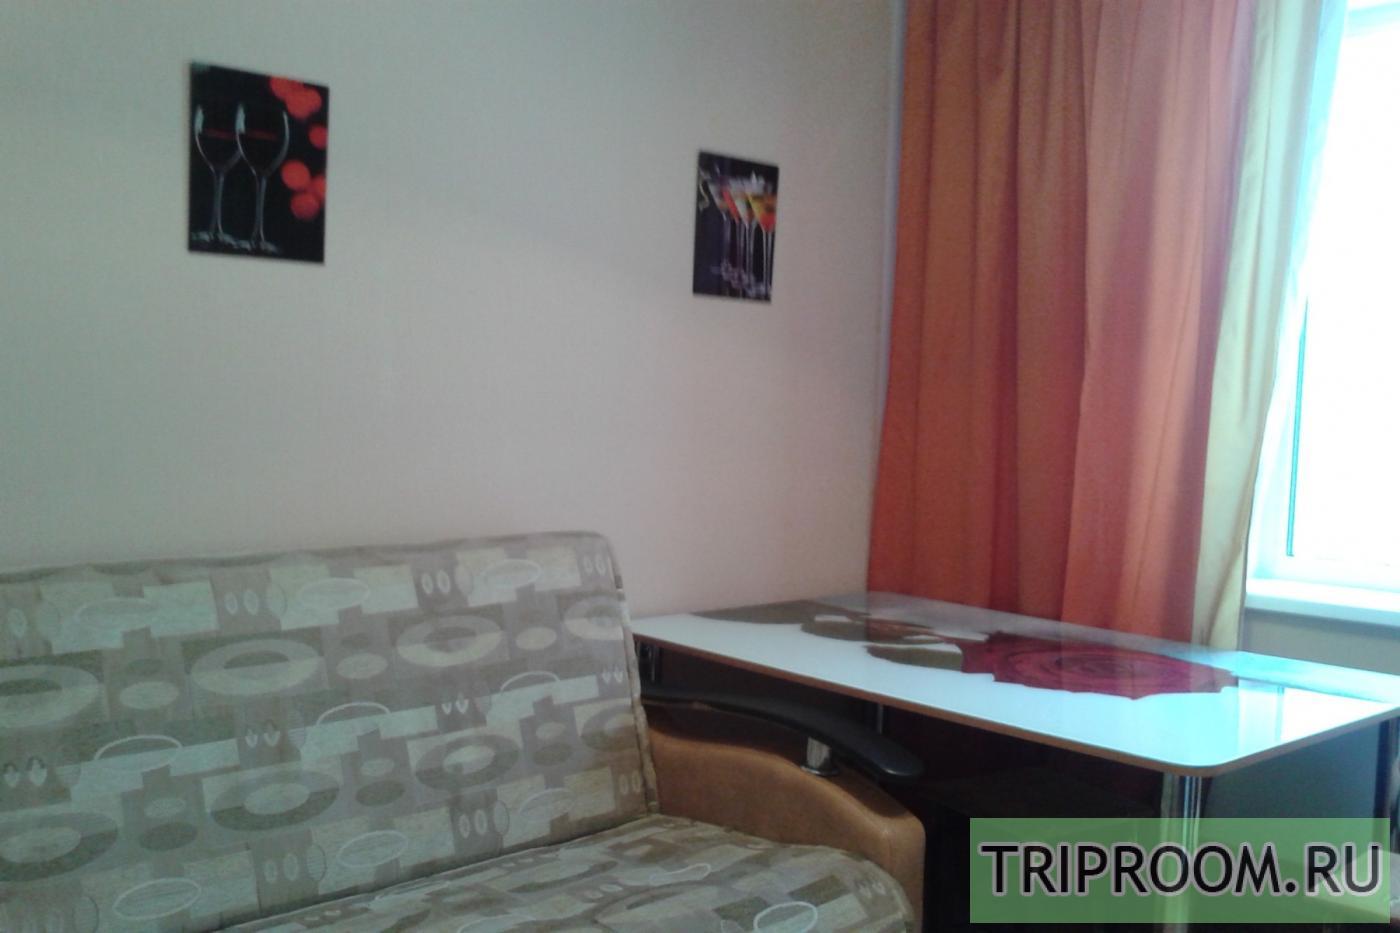 2-комнатная квартира посуточно (вариант № 36246), ул. Олимпийский бульвар, фото № 11